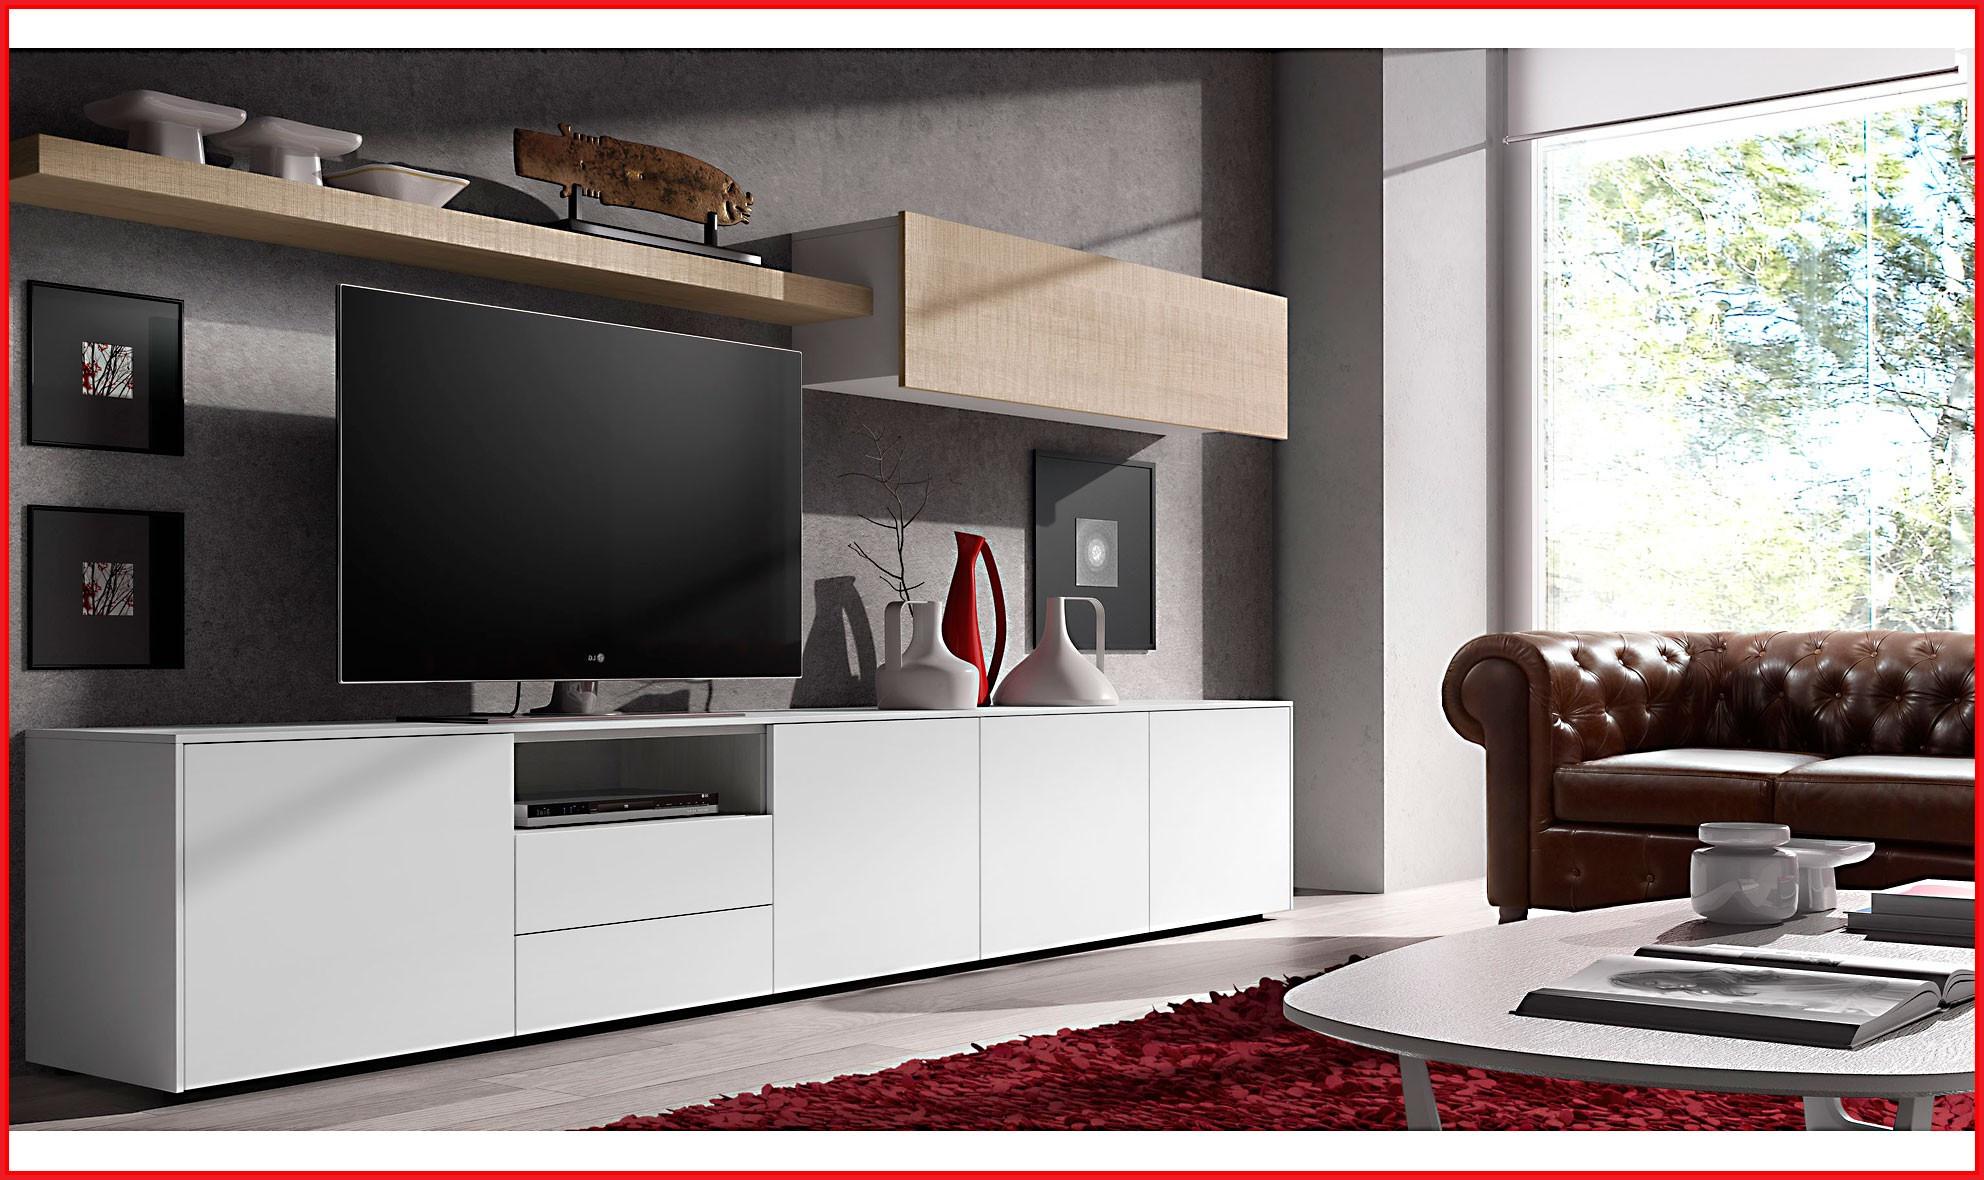 Muebles Tv Diseño U3dh Muebles De Diseà O Baratos Muebles De DiseO Baratos Muebles